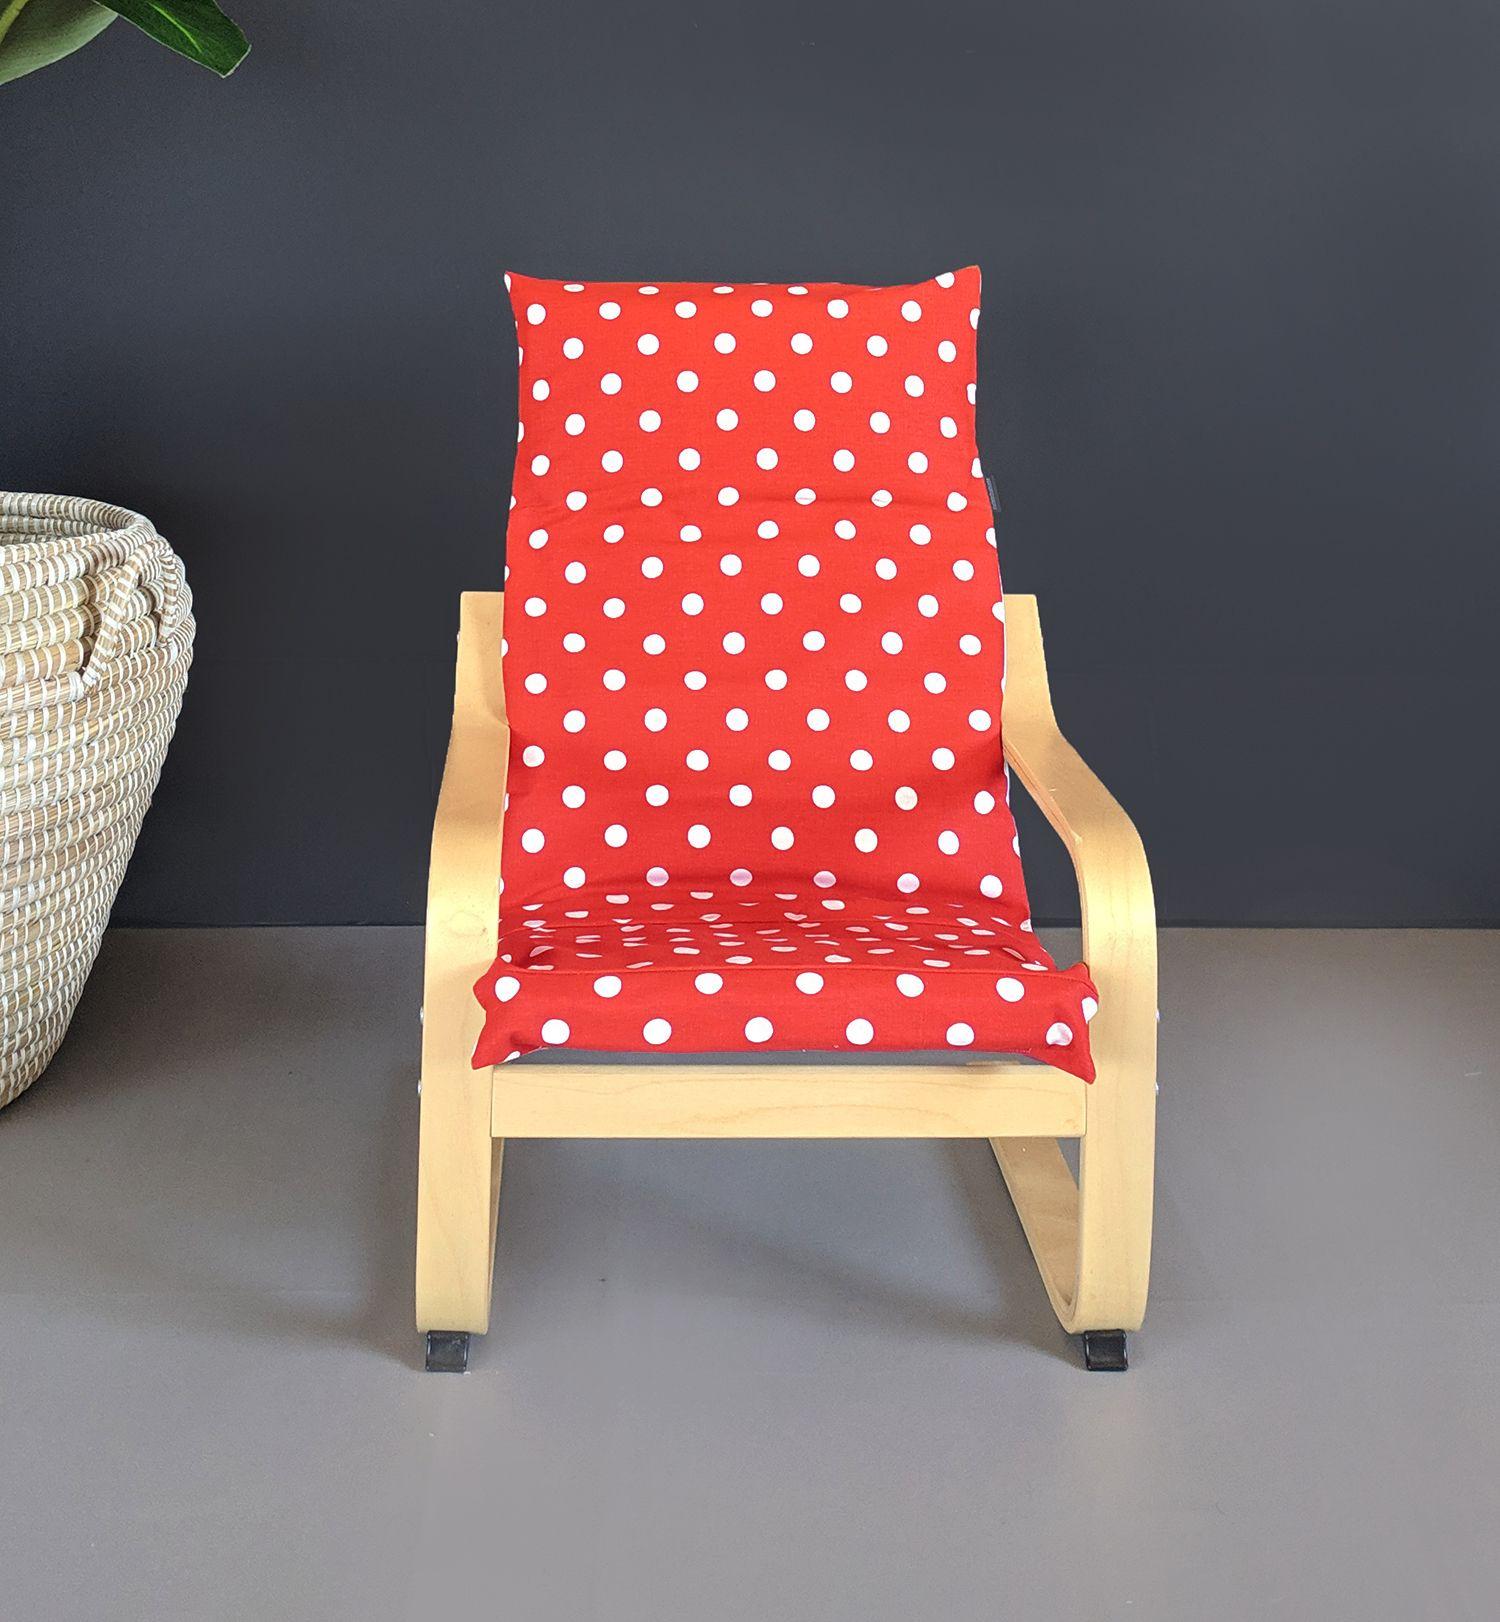 Red Polka Dot IKEA KIDS POÄNG Cushion Slipcover in 2020